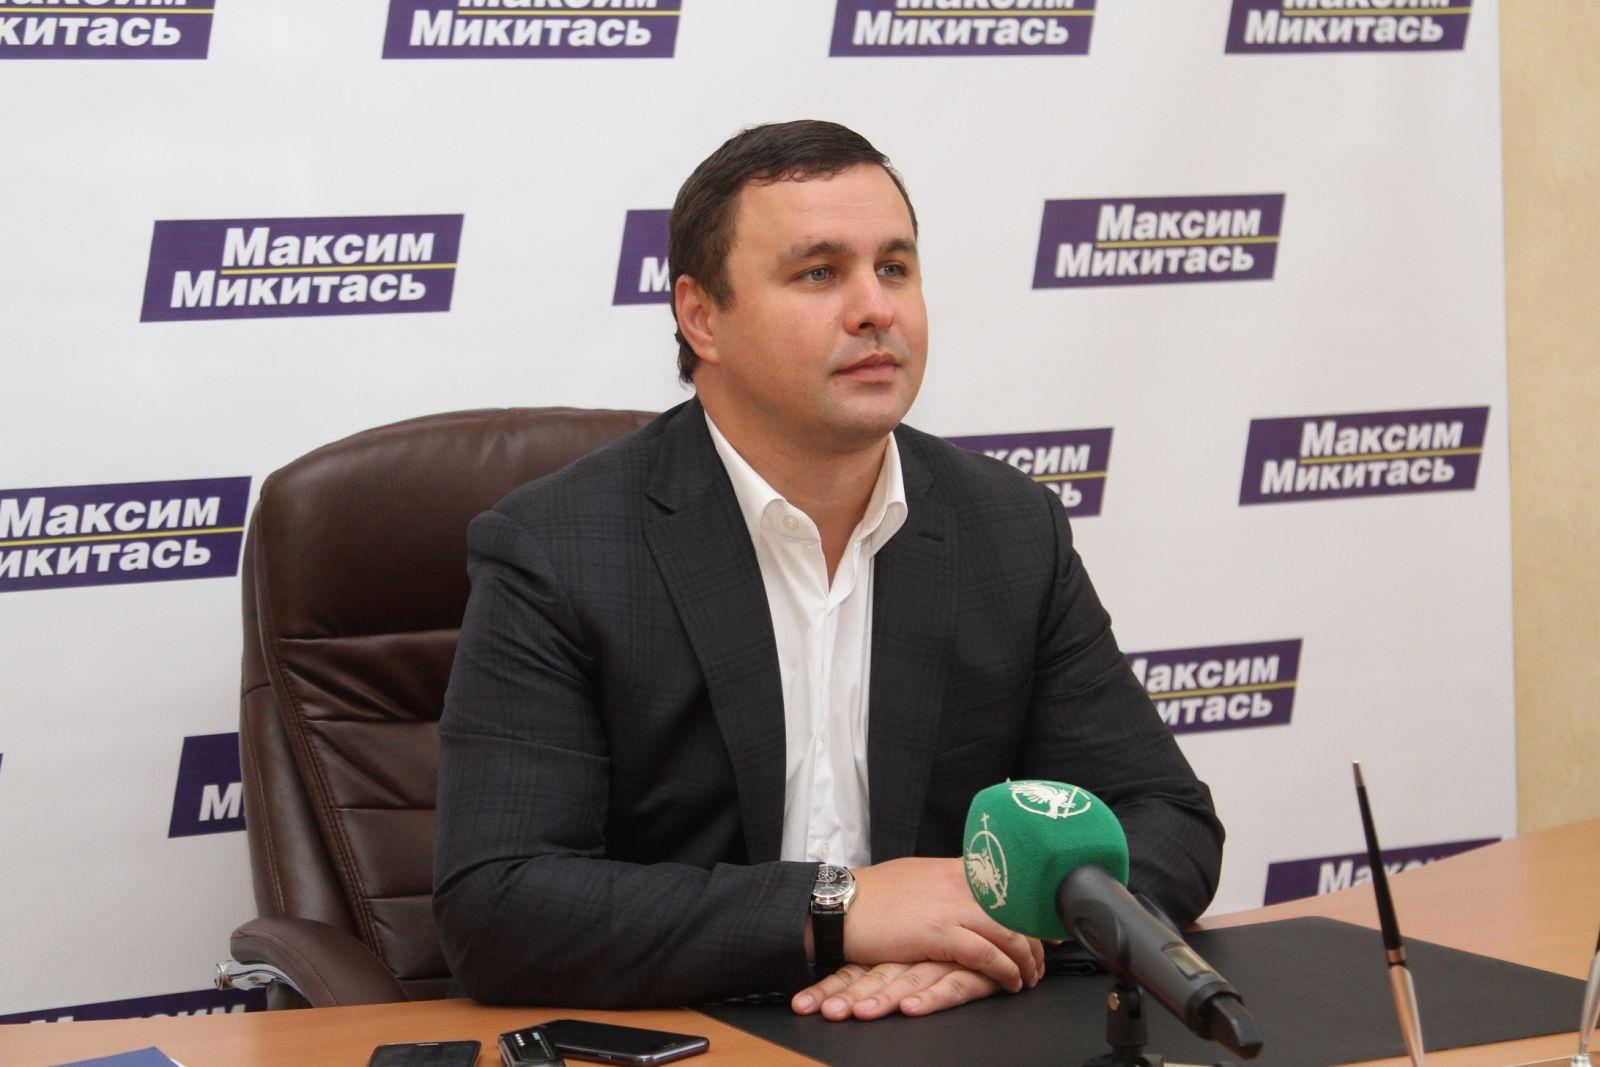 """Экс-президенту """"Укрбуда"""" Микитасю продолжили меру пресечения еще на 2 ме..."""